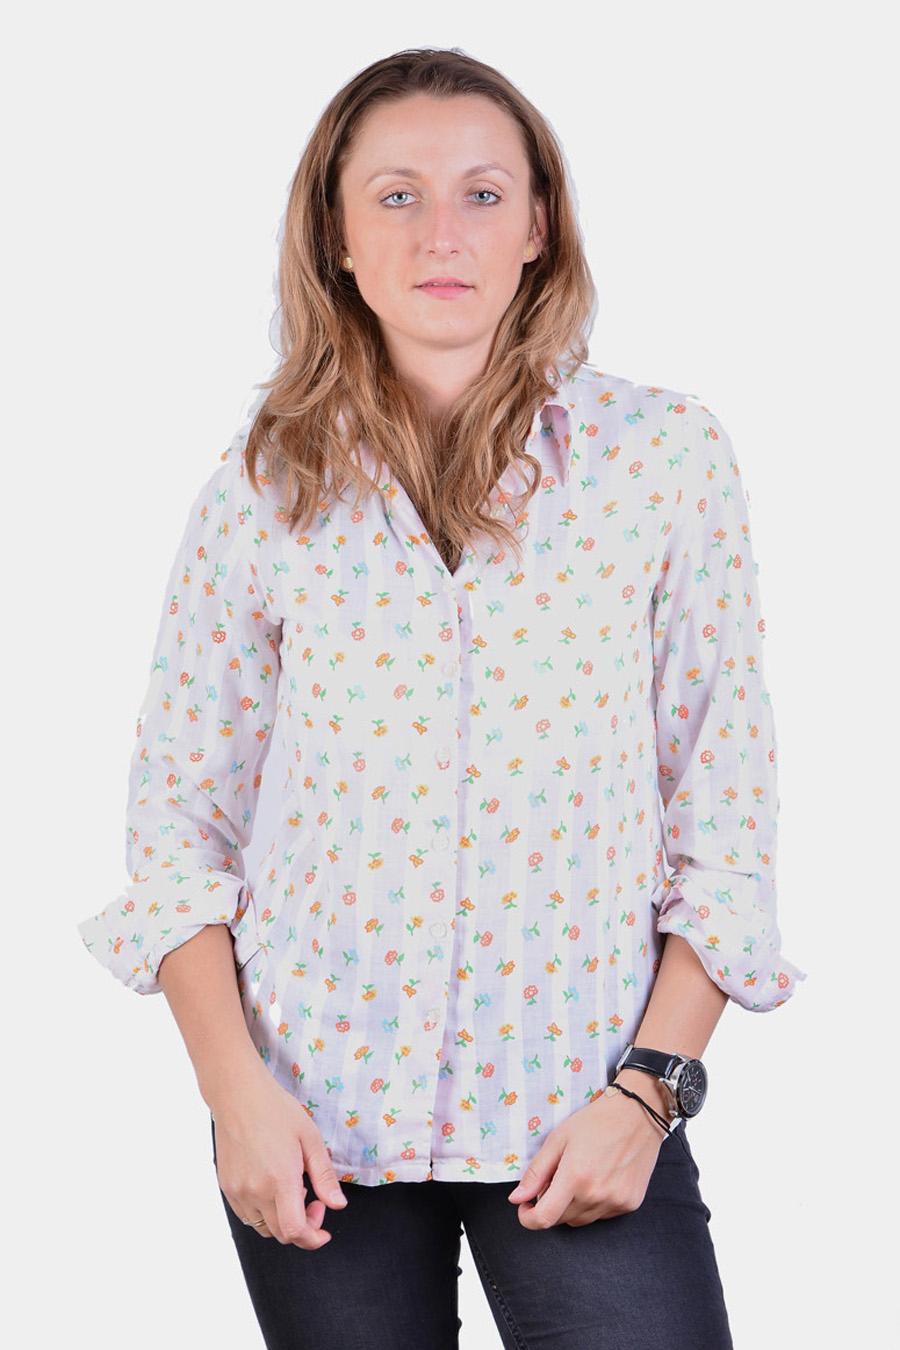 womens 1970's shirt